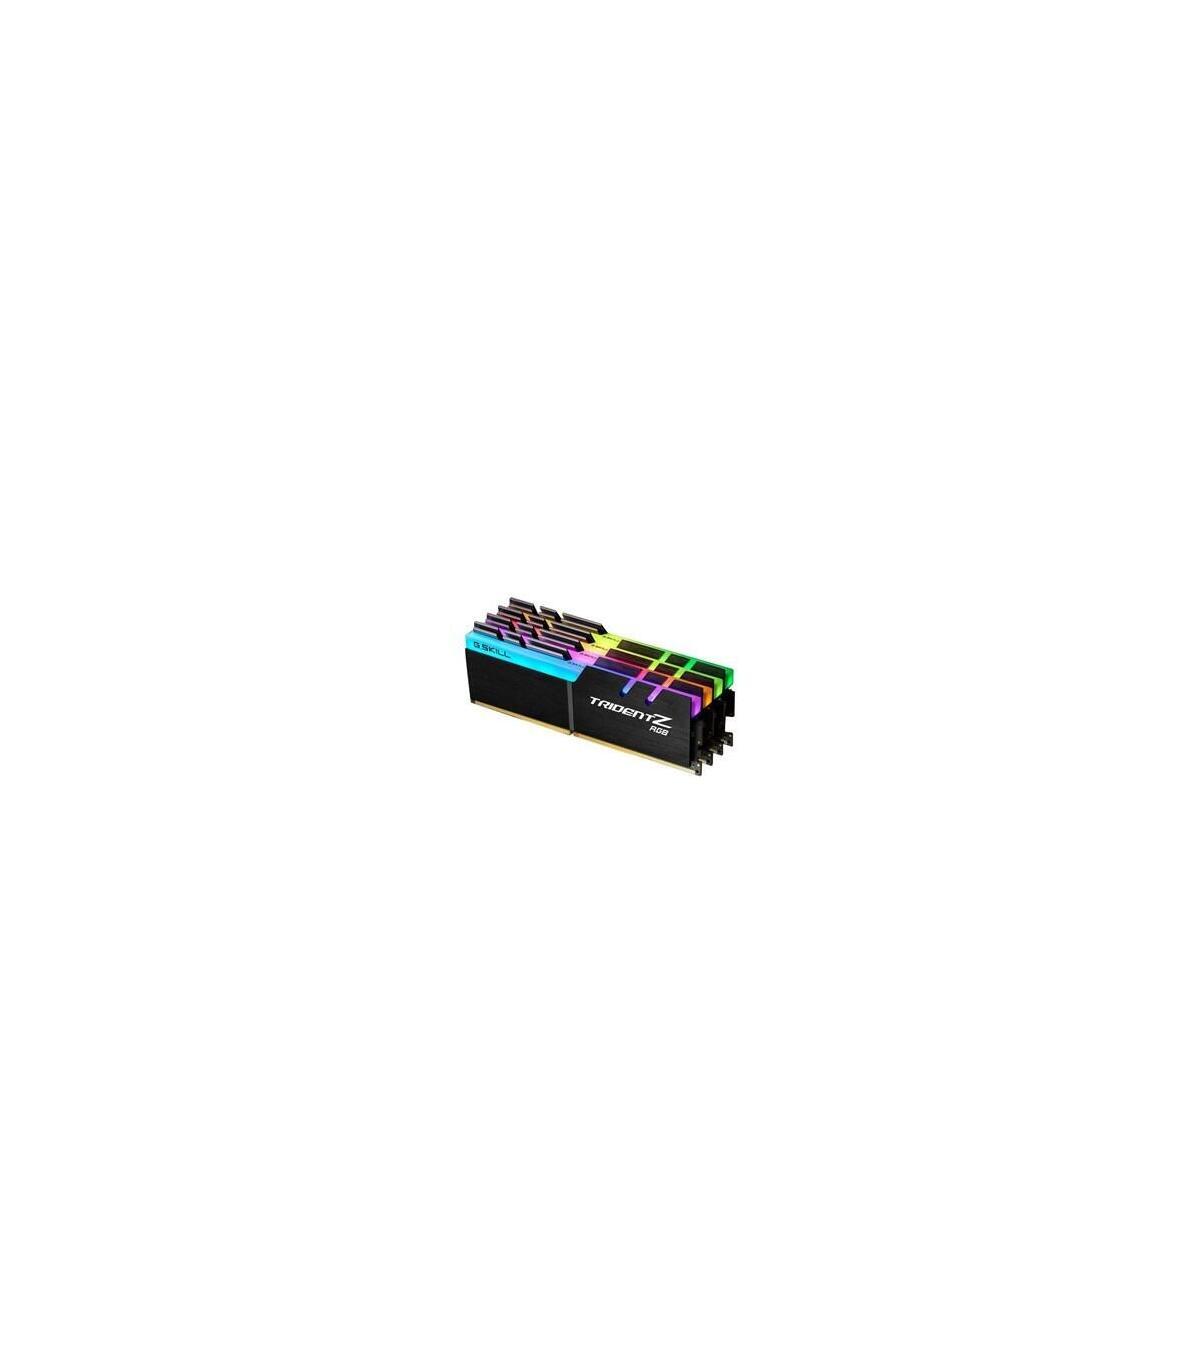 MEMORIA GSKILL DDR4 32GB 3200 C14 TZ RGB KIT 4 4X8GB